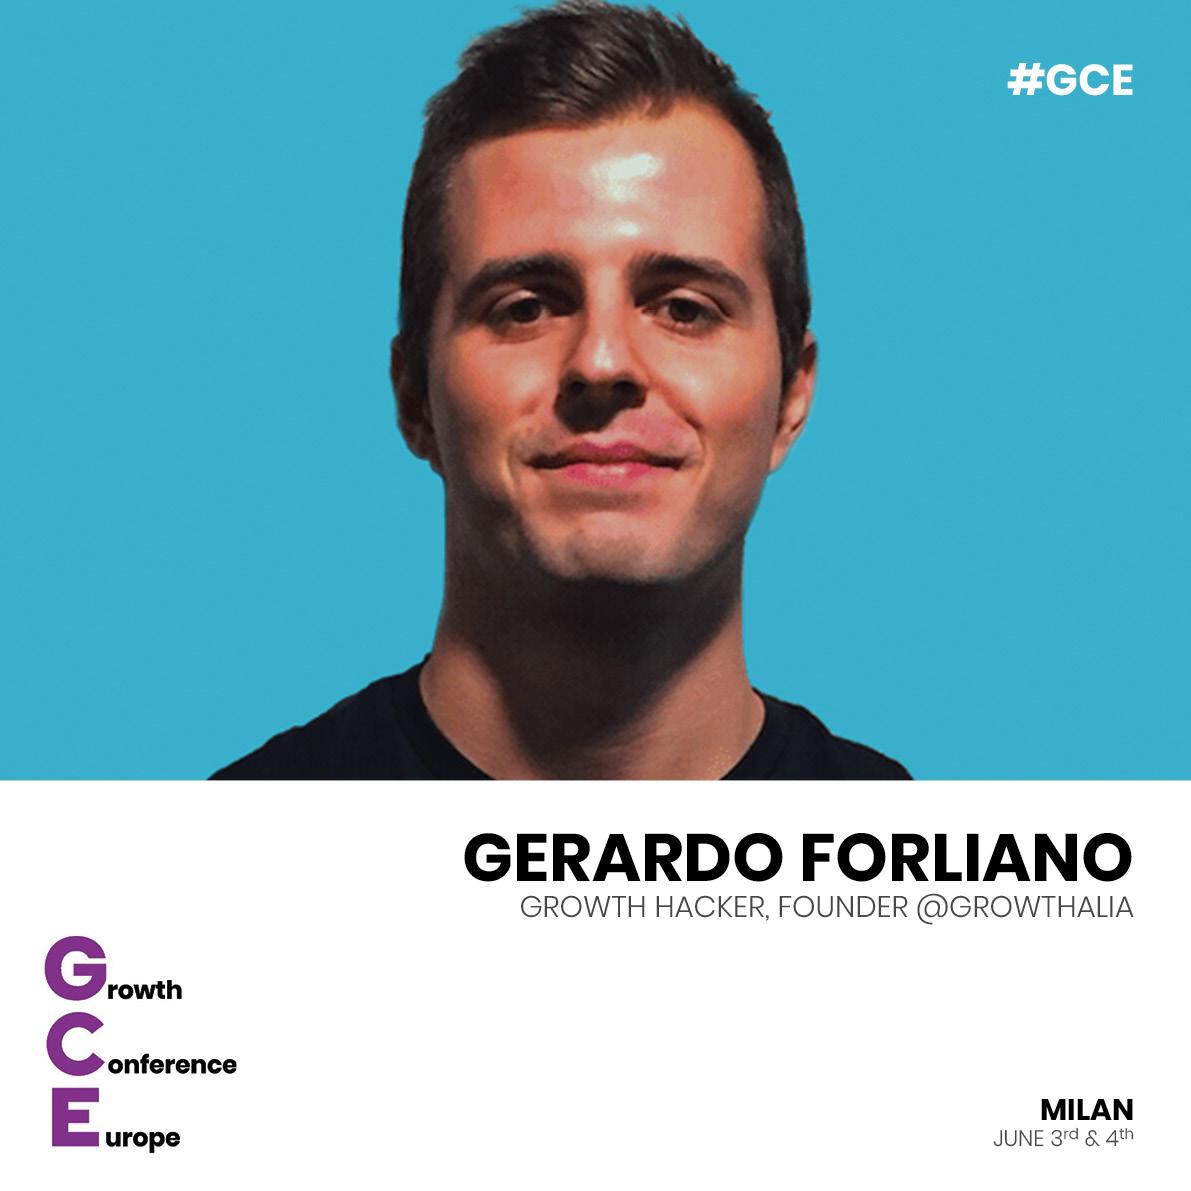 GCE_speaker25.jpg